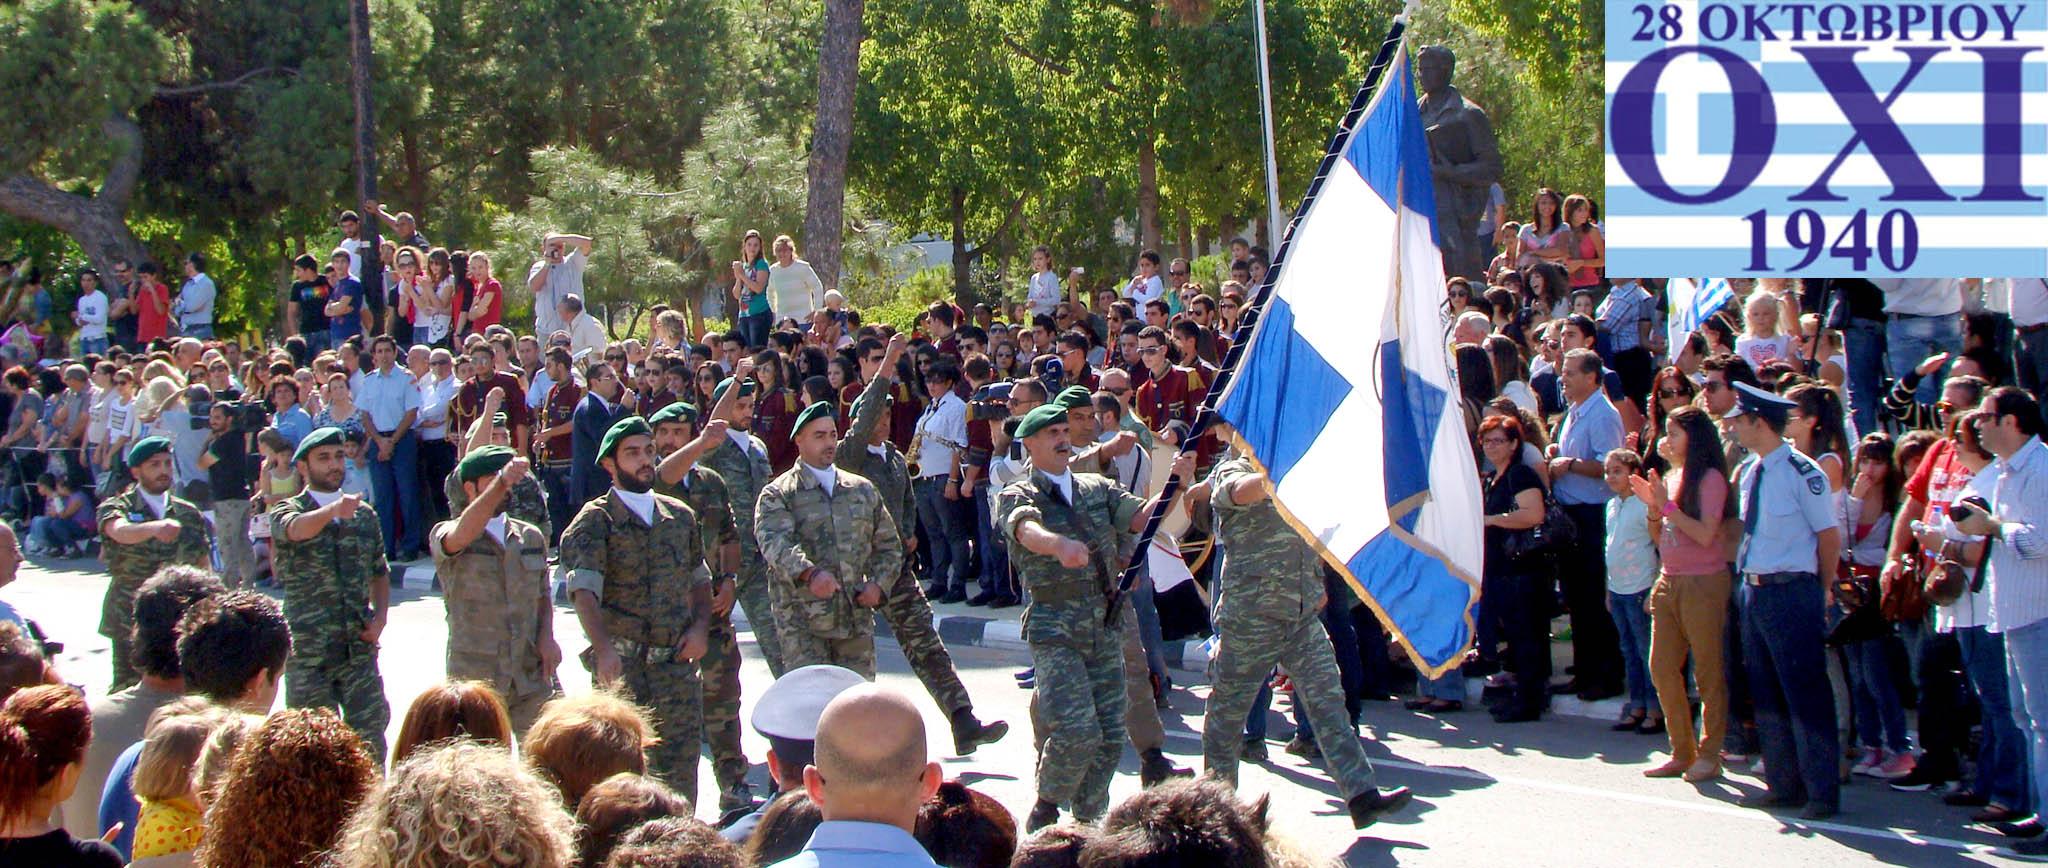 День «охи» на Кипре и в Греции